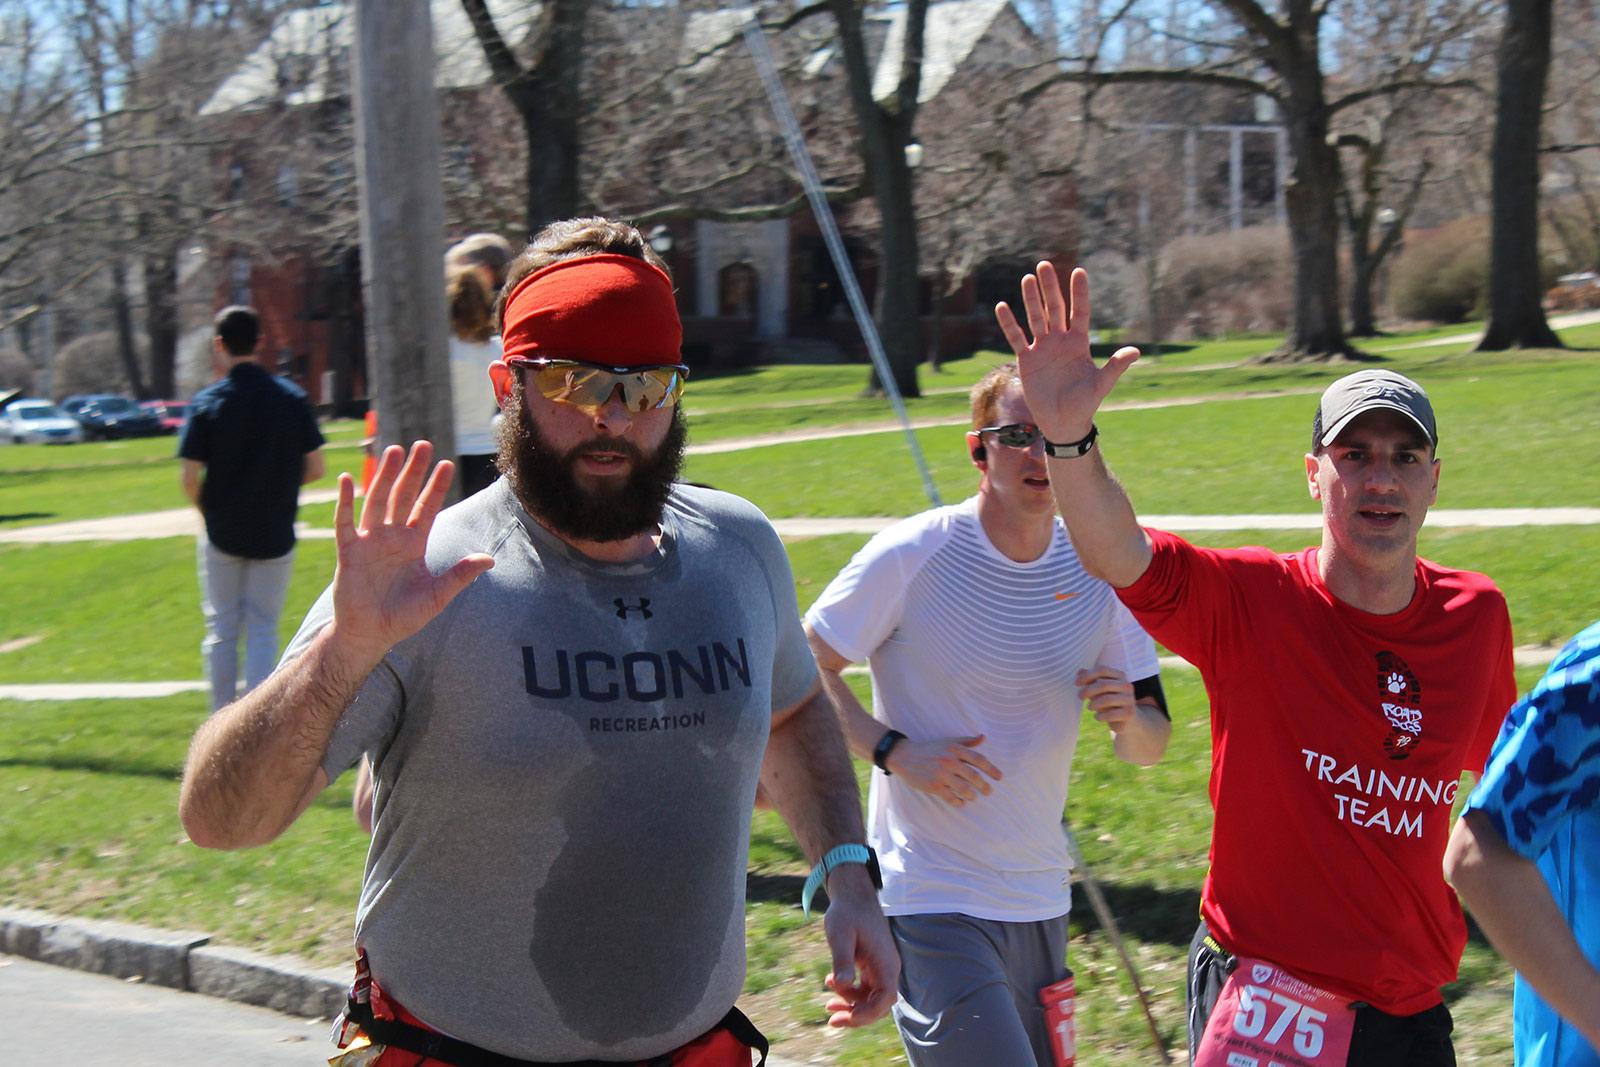 runners waving